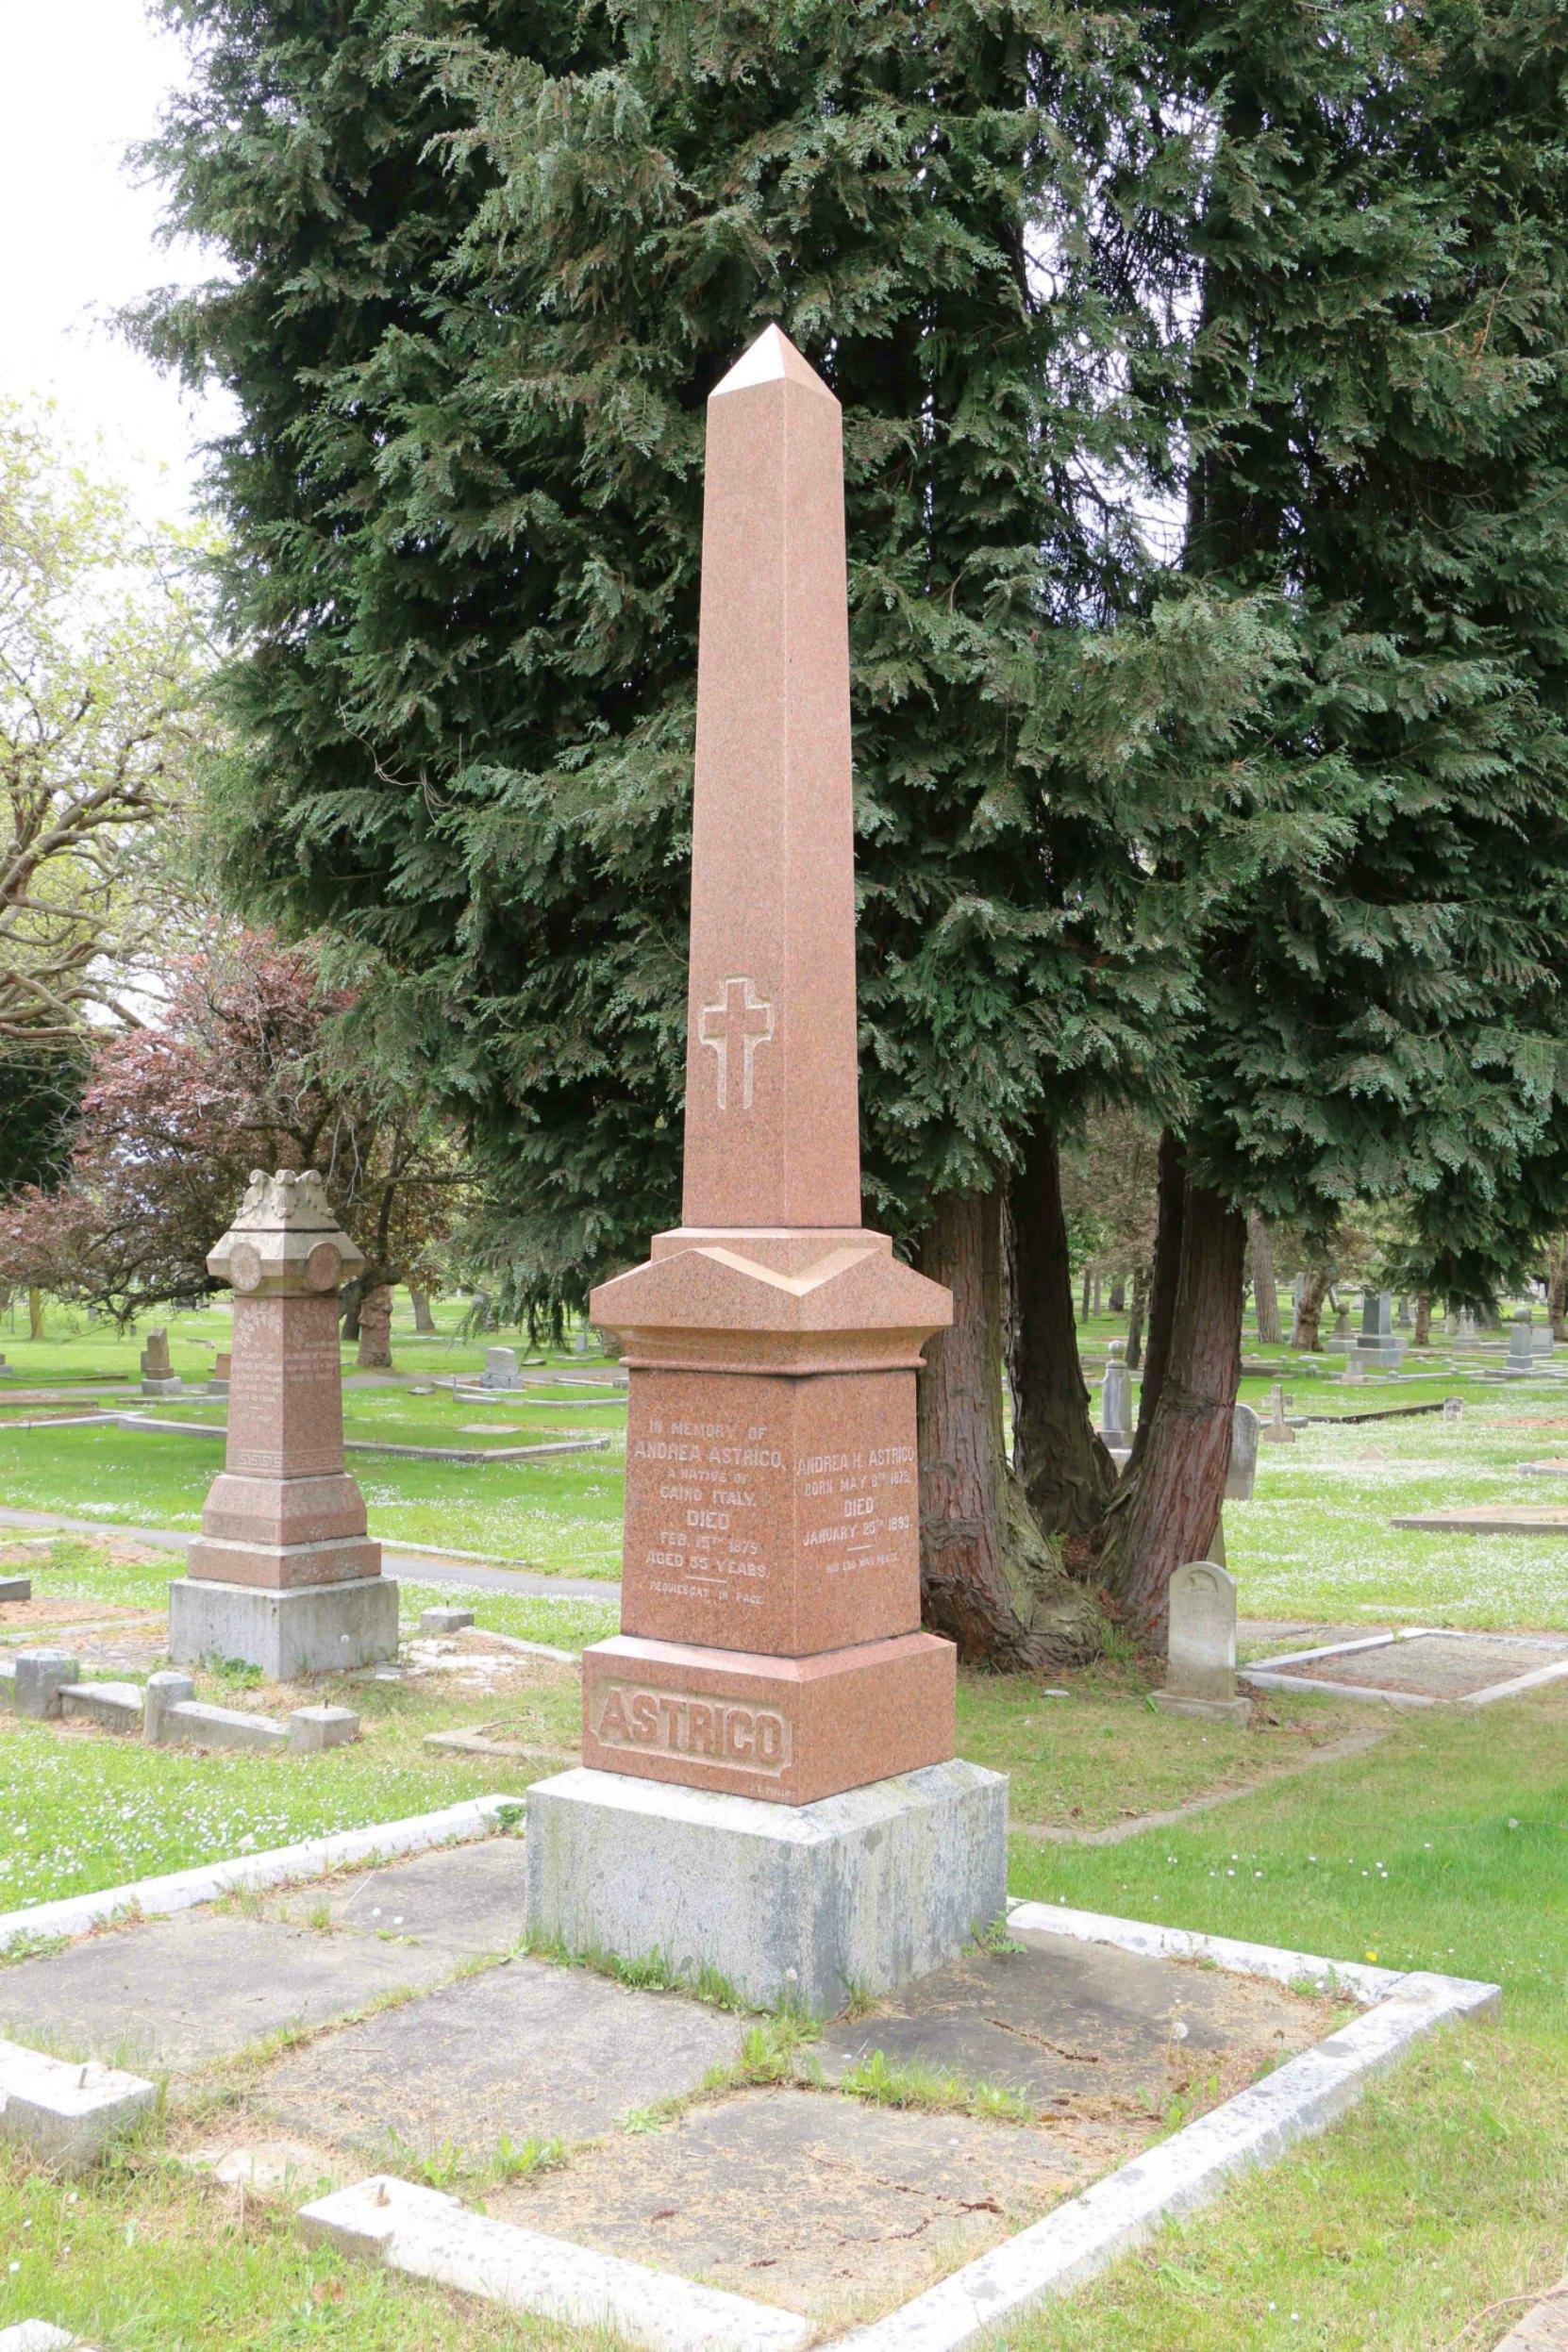 Andrea Astrico grave, Ross Bay Cemetery, Victoria, B.C.